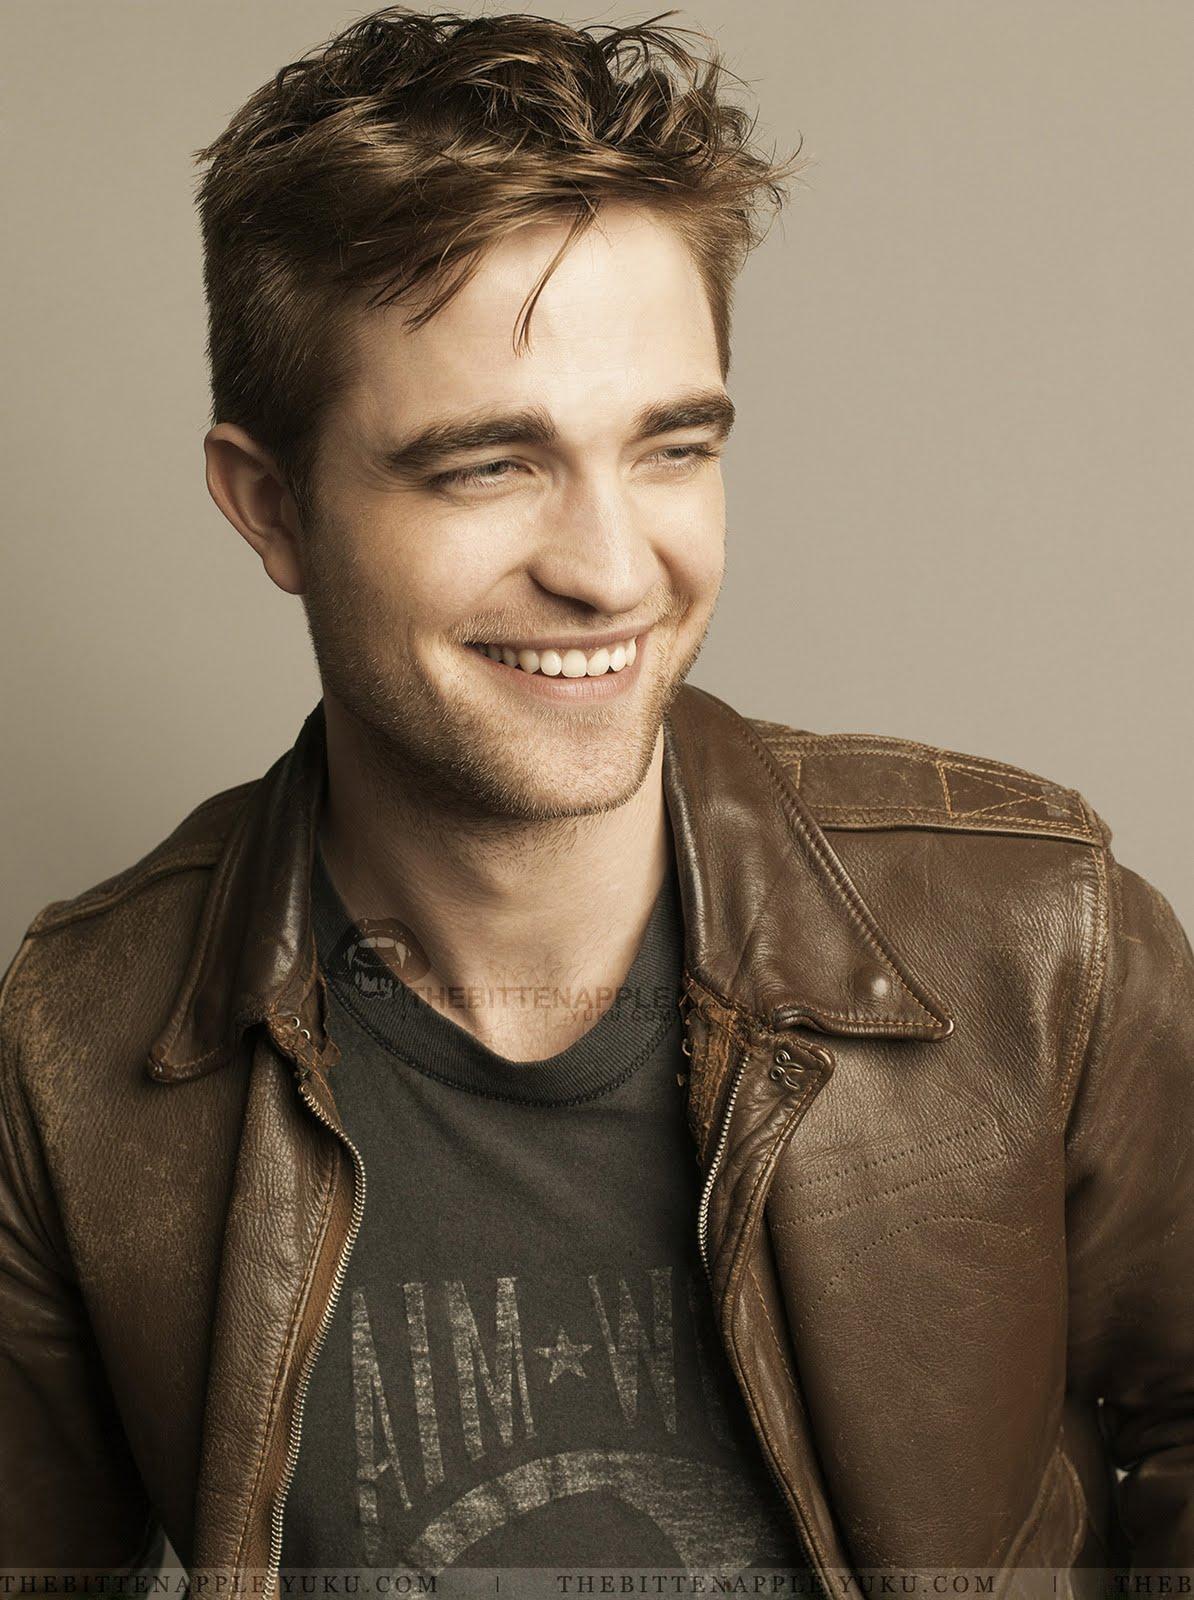 picture Robert Pattinson (born 1986)